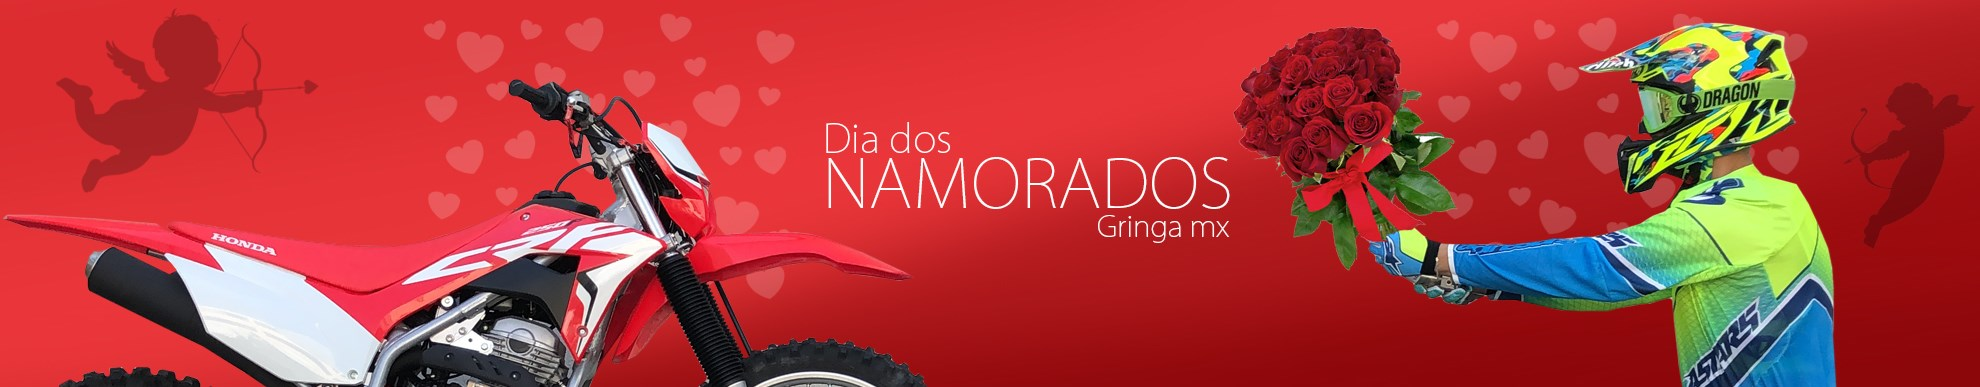 Dia dos Namorados Gringa Mx